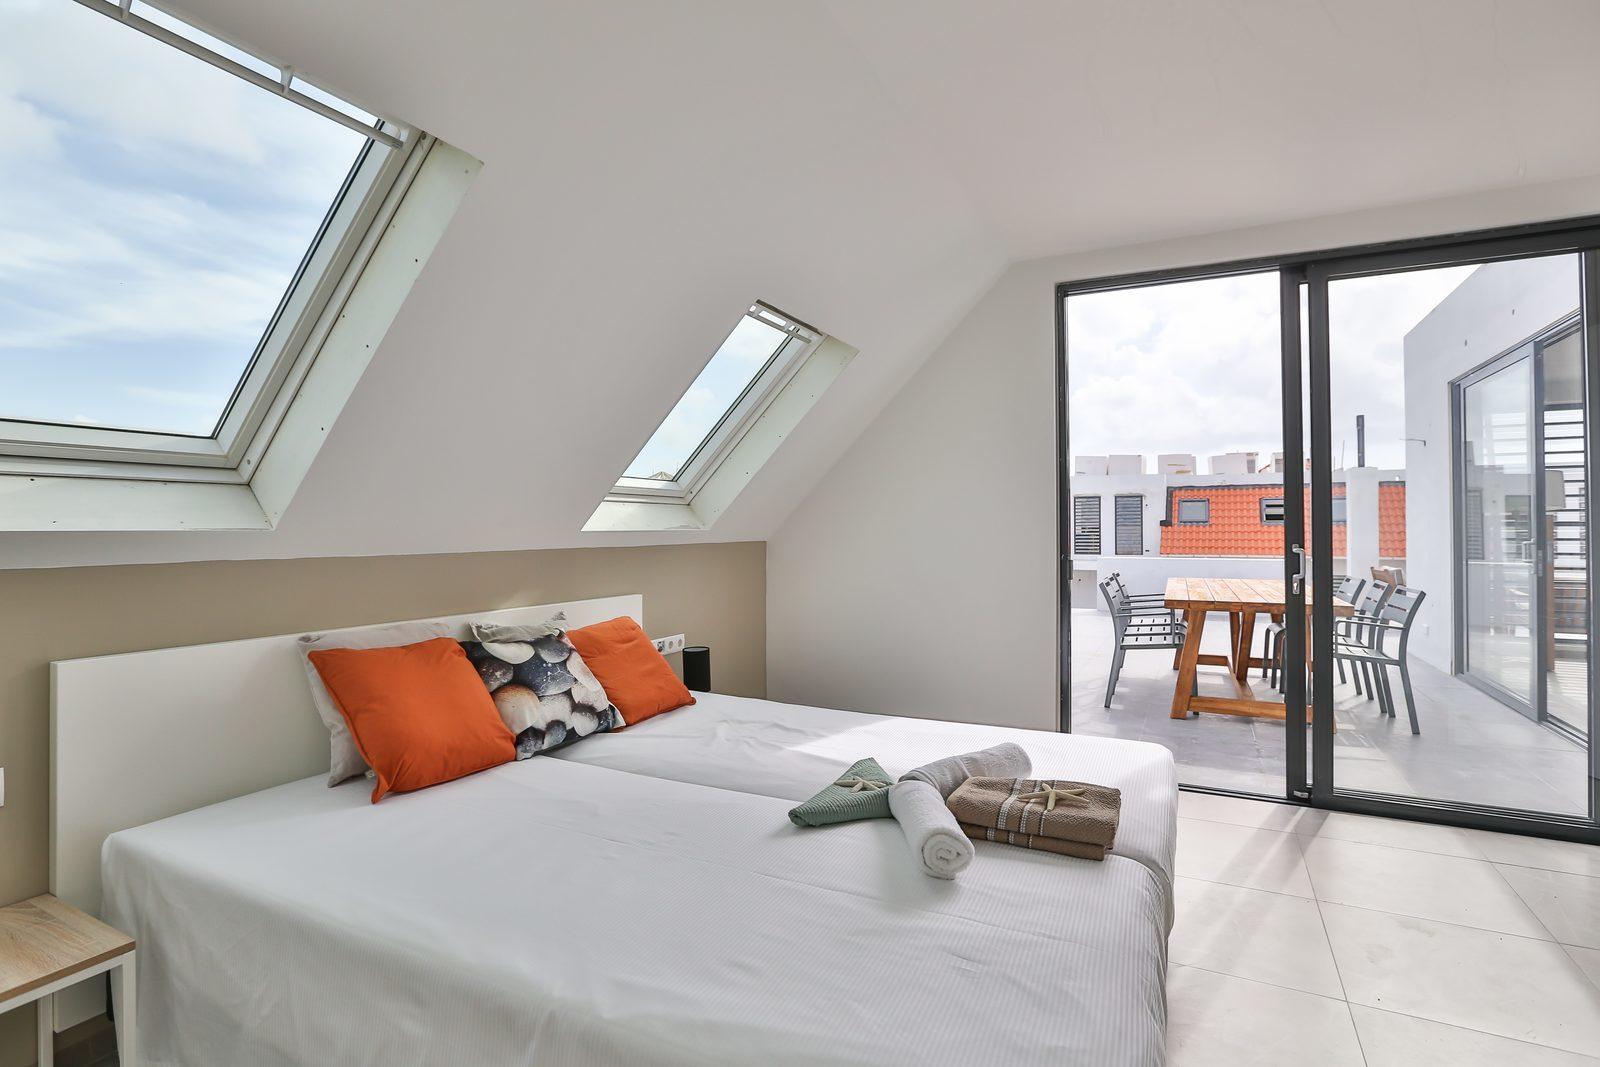 Resort Bonaire beschikt over ruime slaapkamers die in verbinding staan met het balkon. Bekijk onze beschikbare accomodaties!